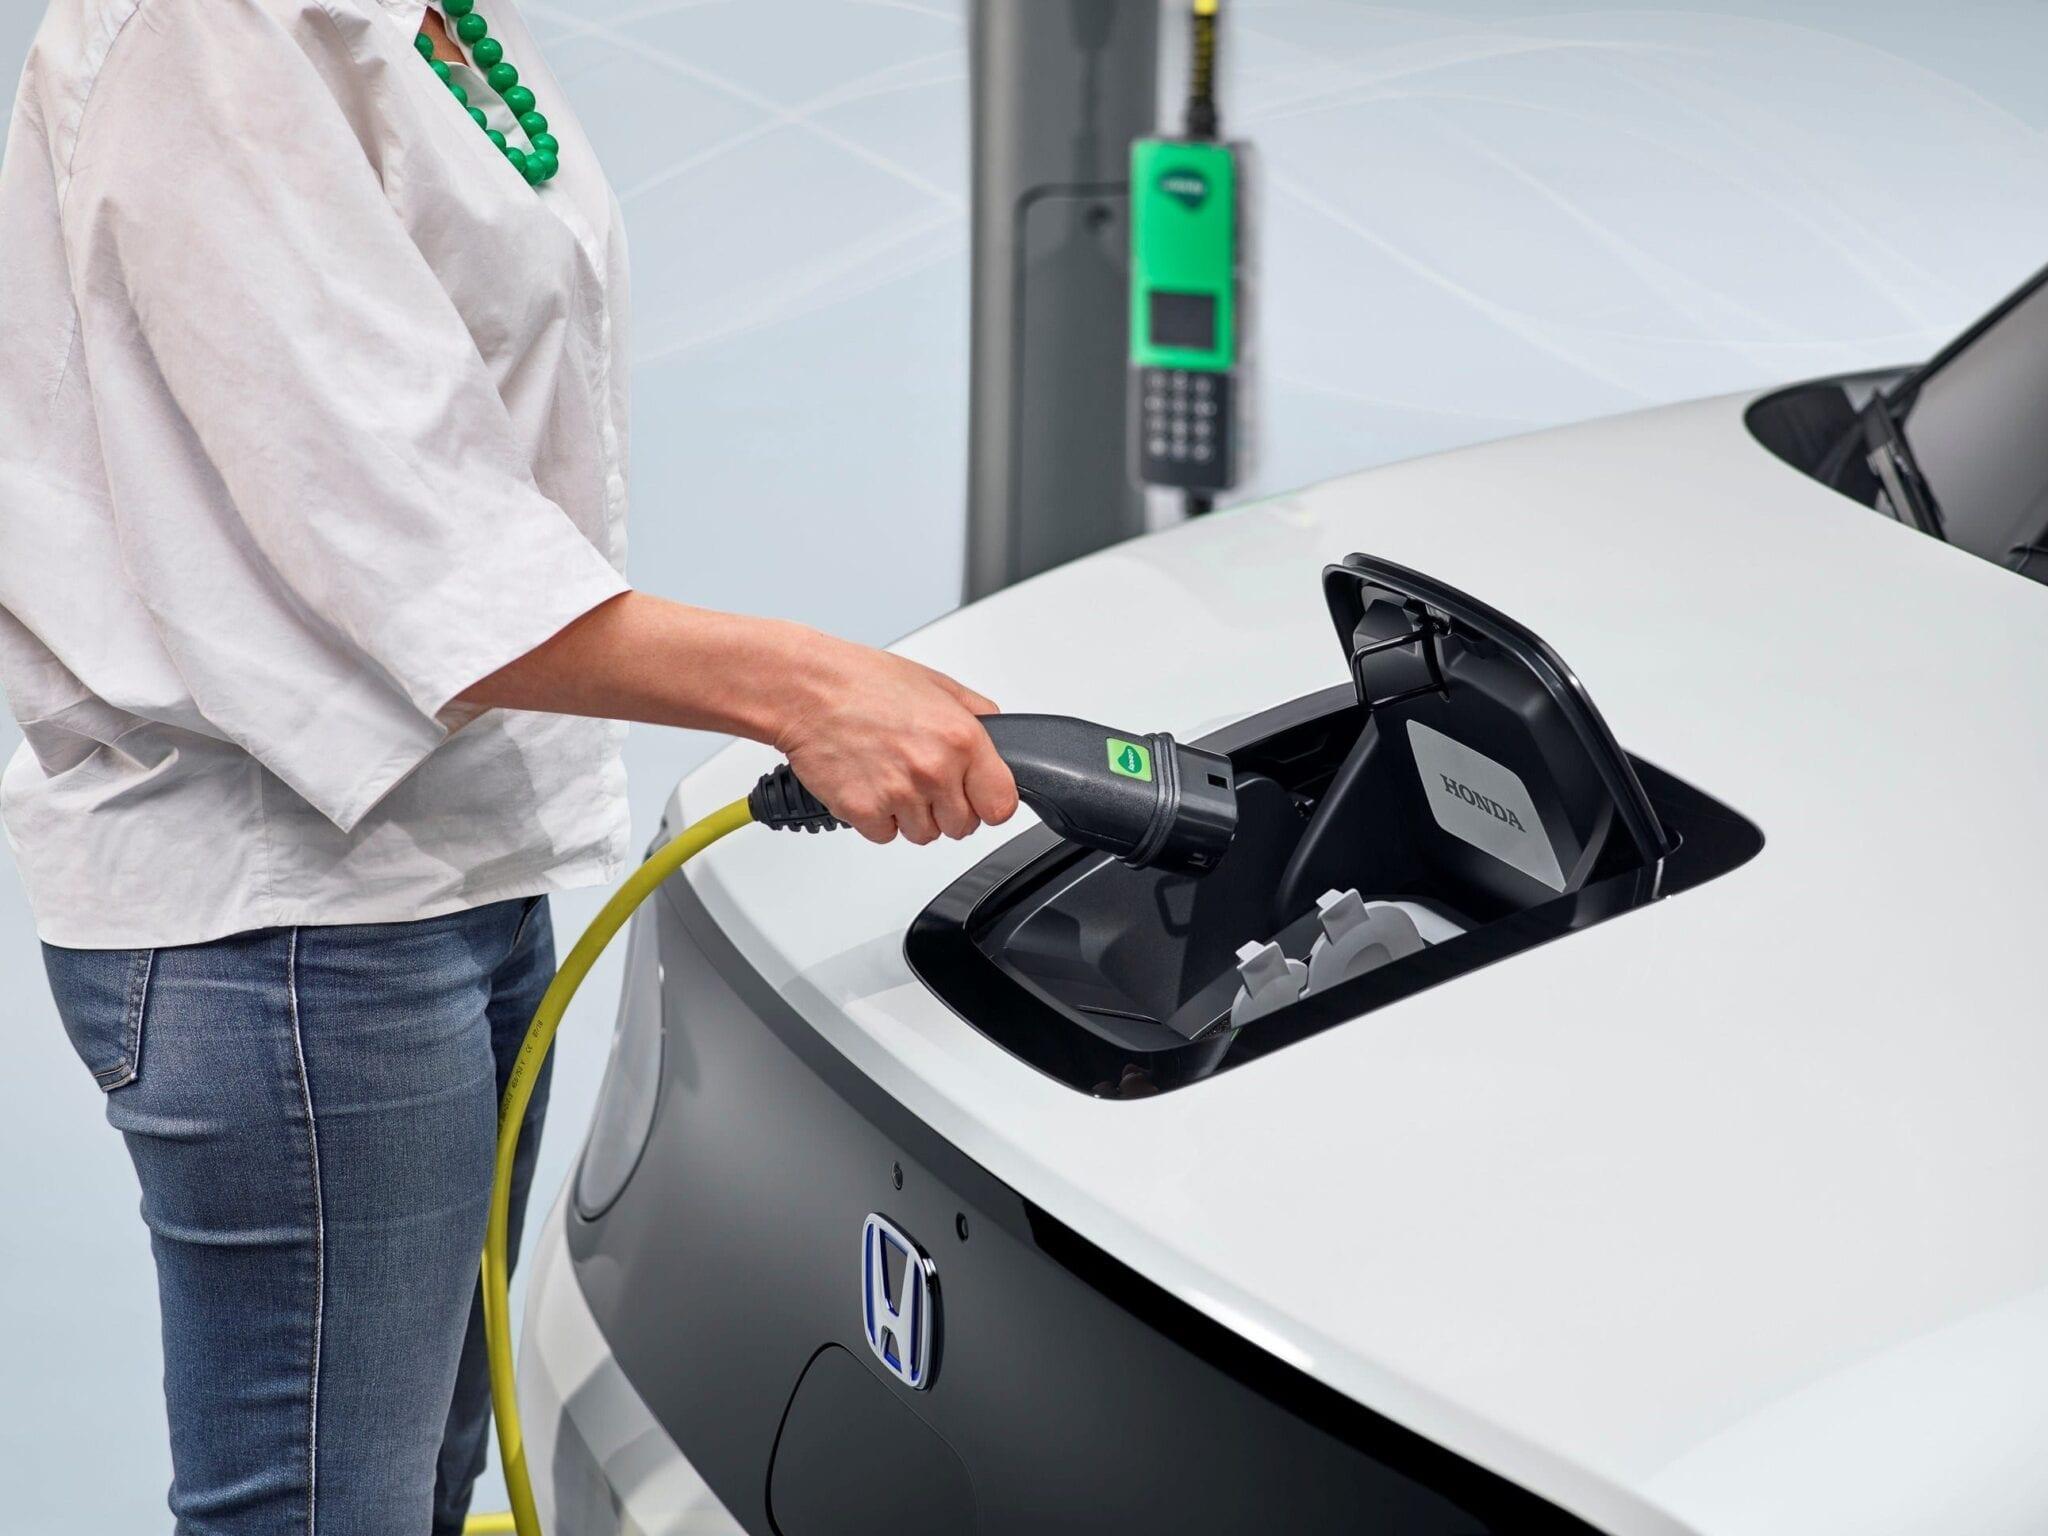 Het oplaadpunt van de Honda e is ingebouwd in de motorkap en dus zeer gemakkelijk bereikbaar. De bestuurder kan de status van de oplaadbeurt duidelijk zien via een LED.